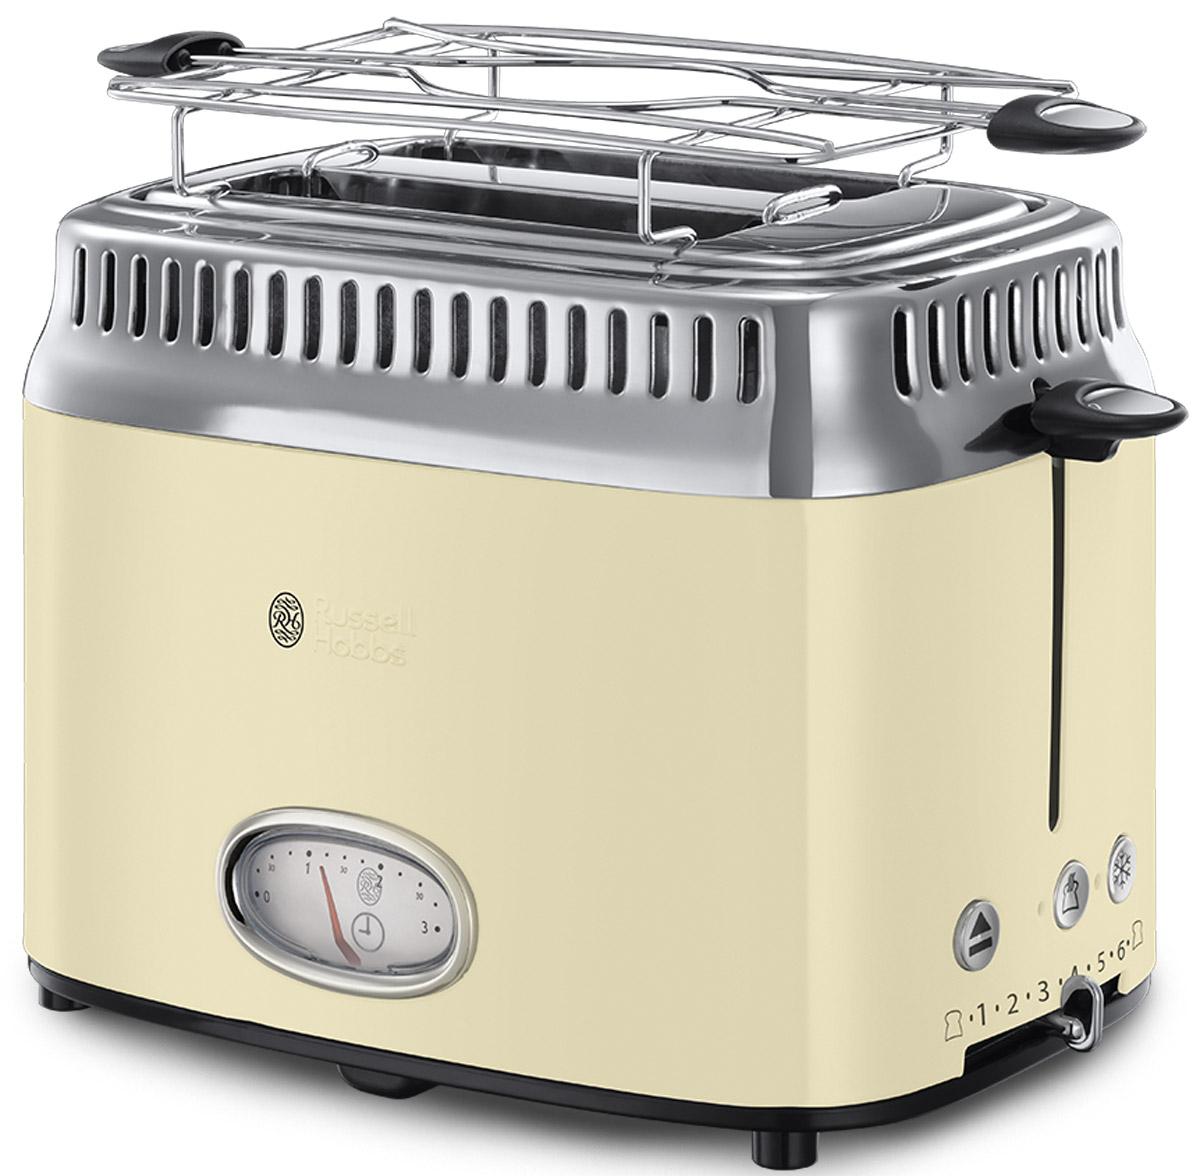 Russell Hobbs Retro, Vintage Cream тостер21682-56Новинка сезона Осень-Зима 2016 года, тостер Russell Hobbs Retro входит в коллекцию приборов для Завтраков Retro, которая включает в себя еще и Чайник и Кофеварку. Если вы любите тосты, эта привлекательная модель тостера предоставит вам такое удовольствие в полной мере. Предпочитаете слегка подогретый хлеб или тосты с поджаристой хрустящей корочкой? Выберите нужную степень поджарки тостов и наслаждайтесь результатом. Стильная винтажная шкала обратного отсчета времени приготовления наглядно отображает время до готовности тостов. Хороший завтрак это начало хорошего дня, но времени на завтрак всегда критично мало. Понимая это, Russell Hobbs оснастил новые тостеры Retro технологией быстрого приготовления, которая сбережет ценные минуты с утра. Функция lift and look позволяет проверить готовность тостов, не прерывая процесс приготовления. В комплект к тостеру входит удобная решеточка для подогрева круассанов, бейглов и сэндвичей, а выдвижной лоток...